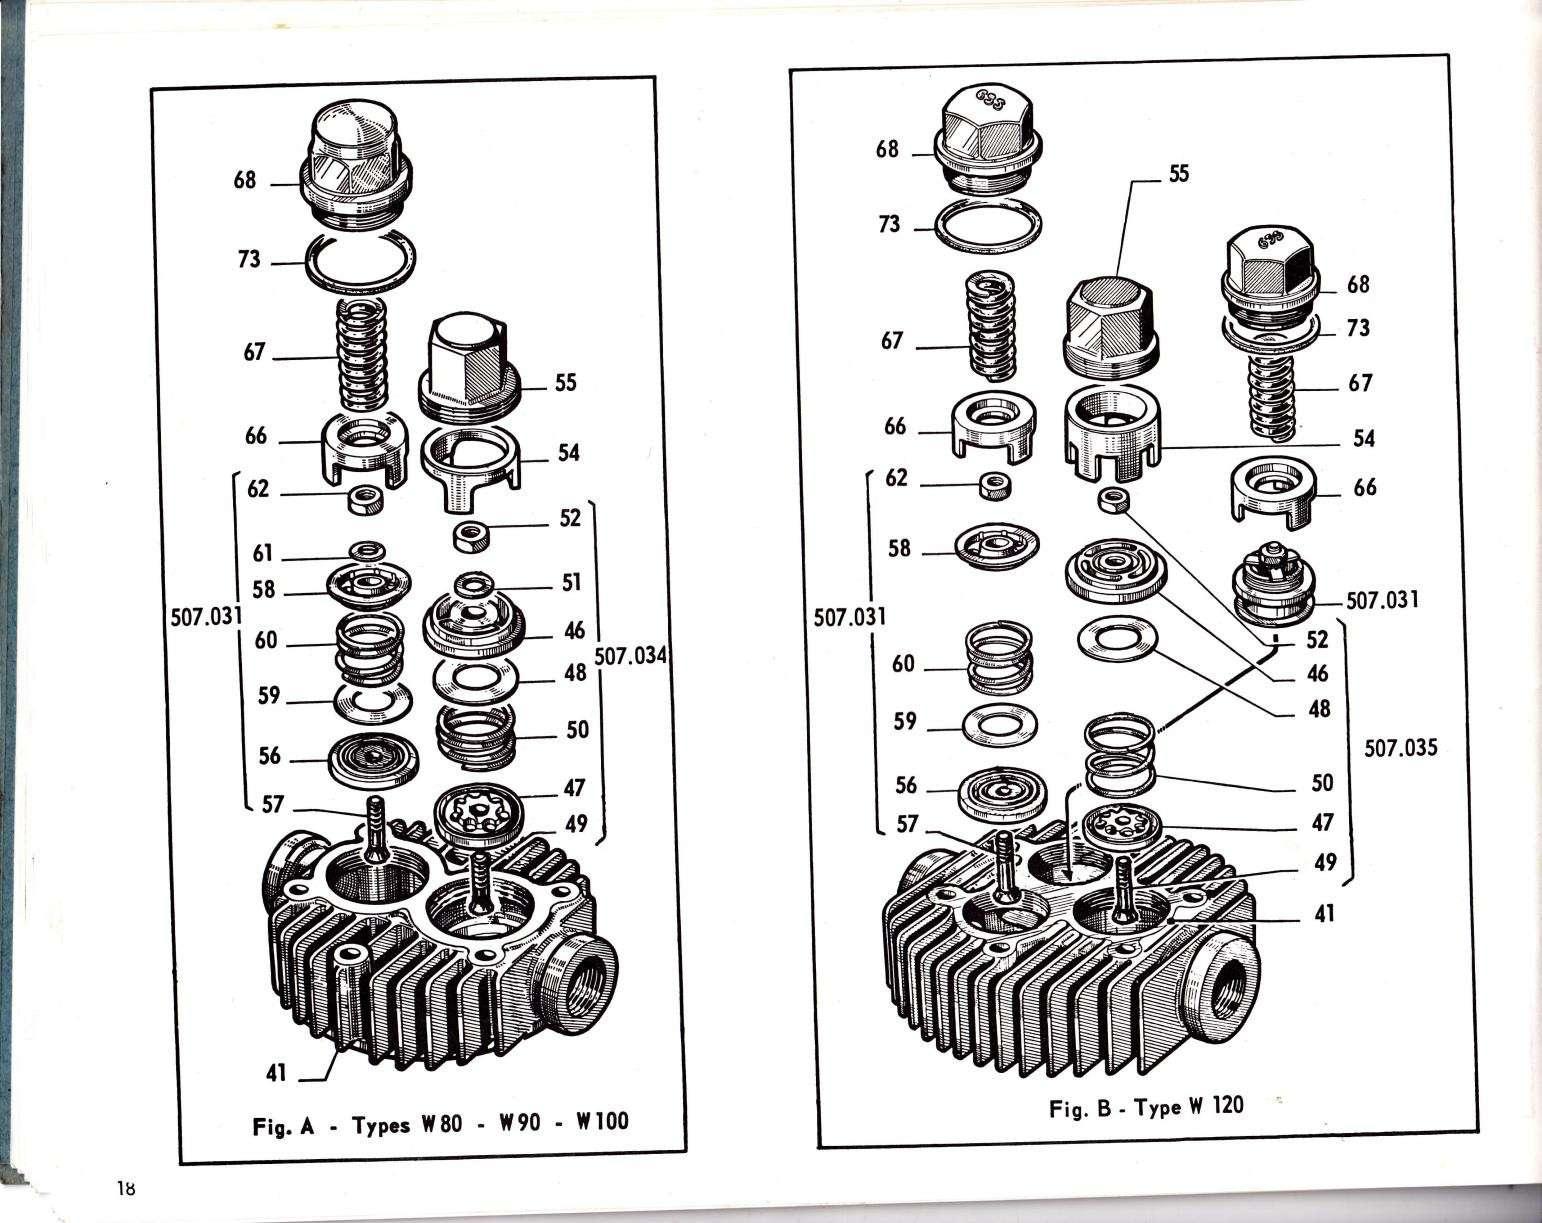 Compresseurs Creyssensac HCW 80, 90, 100, 120 & MV70, V70